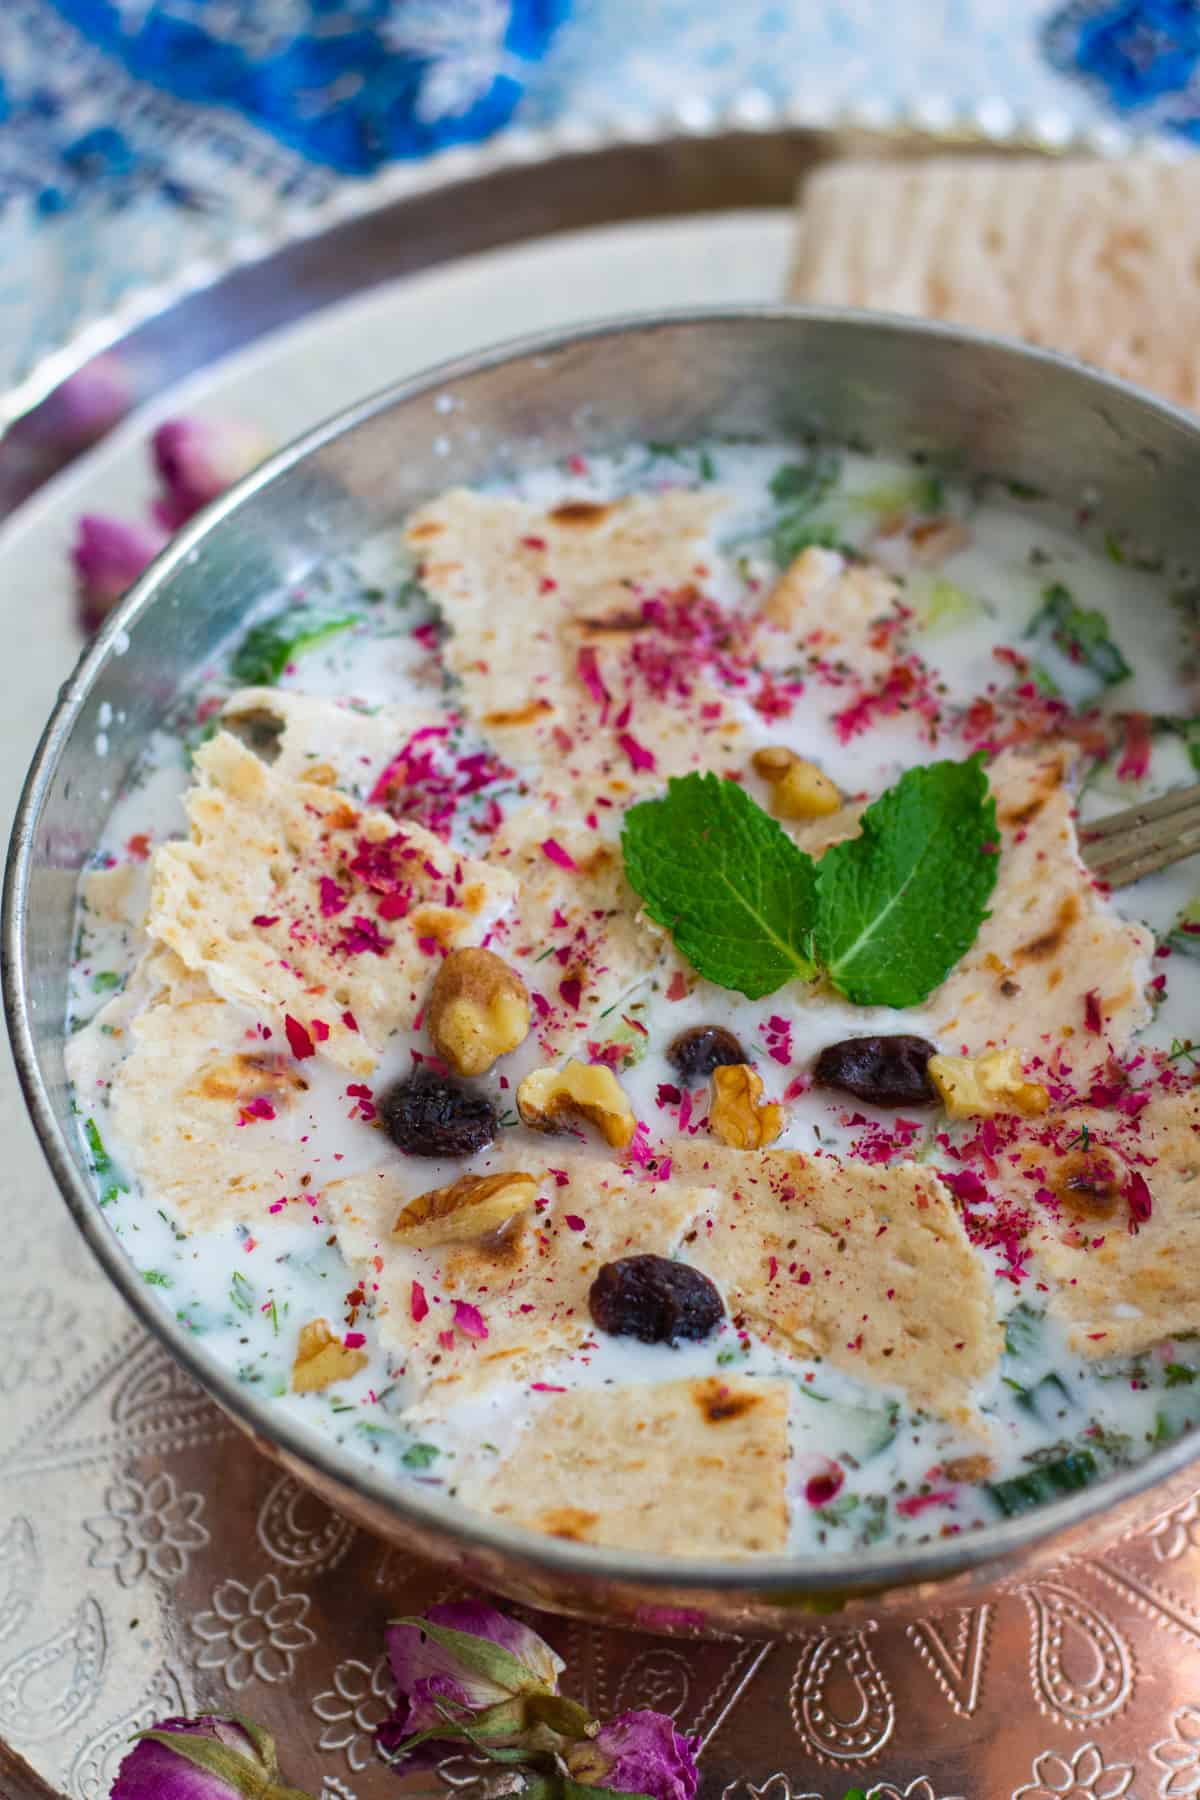 A bowl of abdoogh khiar on a tray.